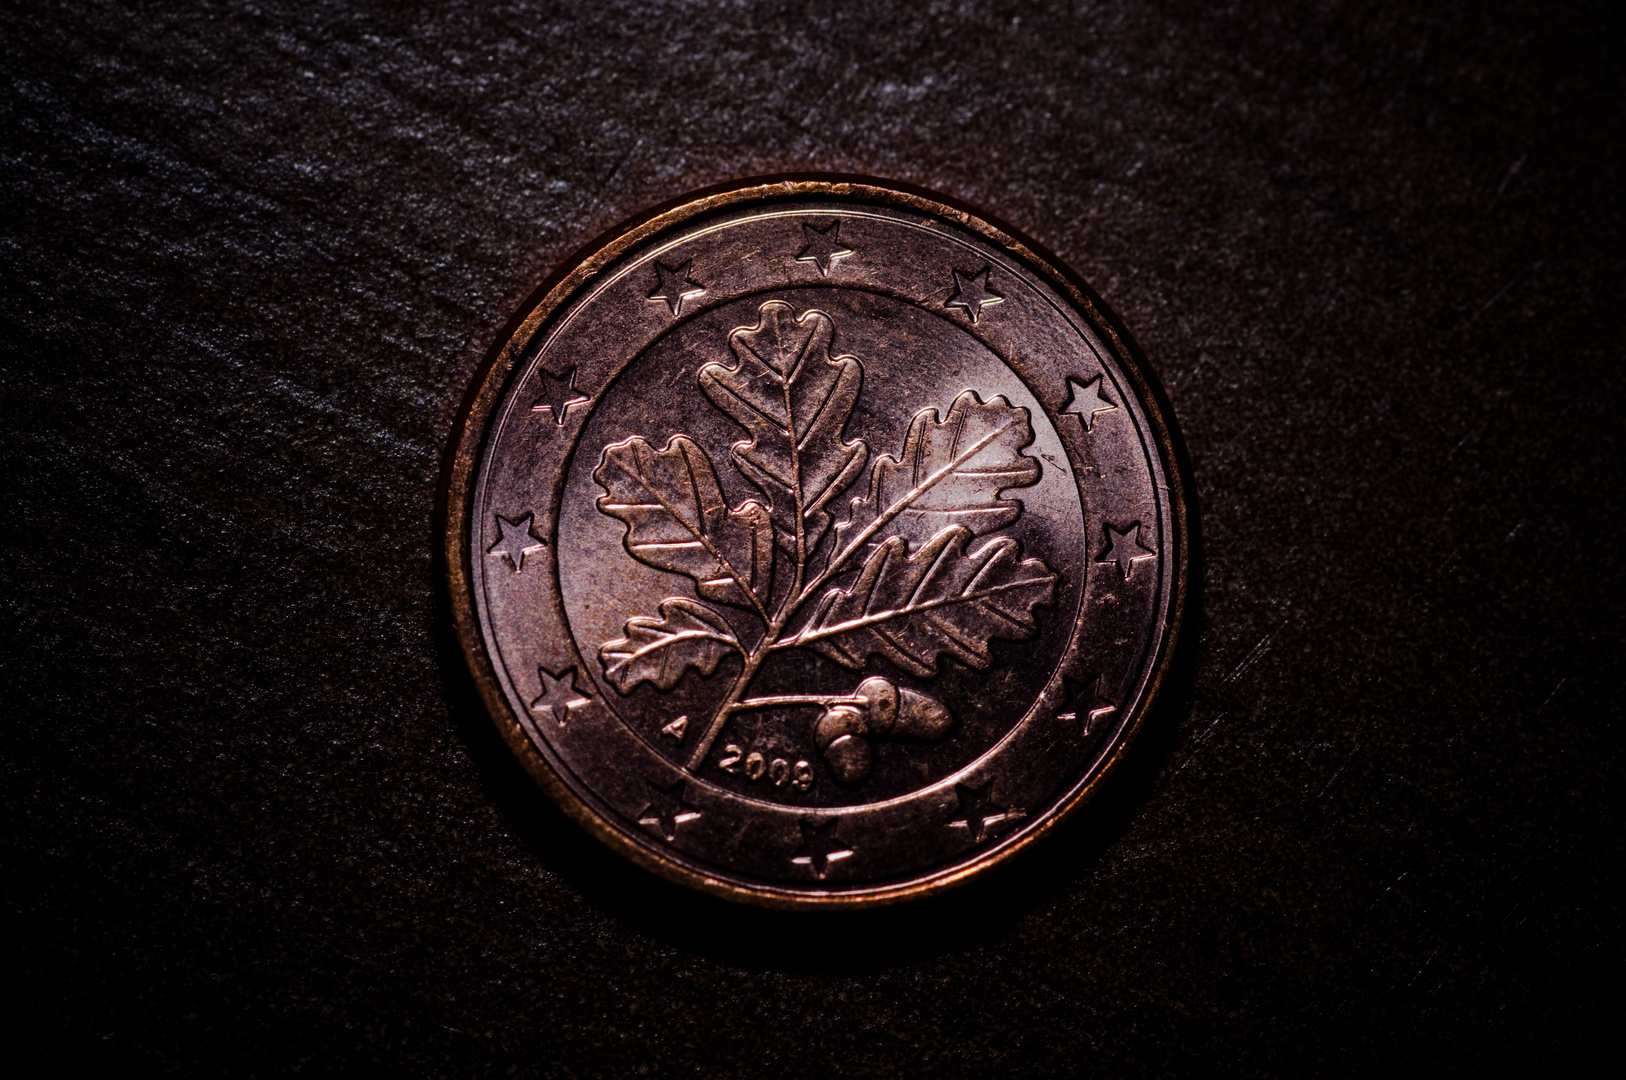 a cent